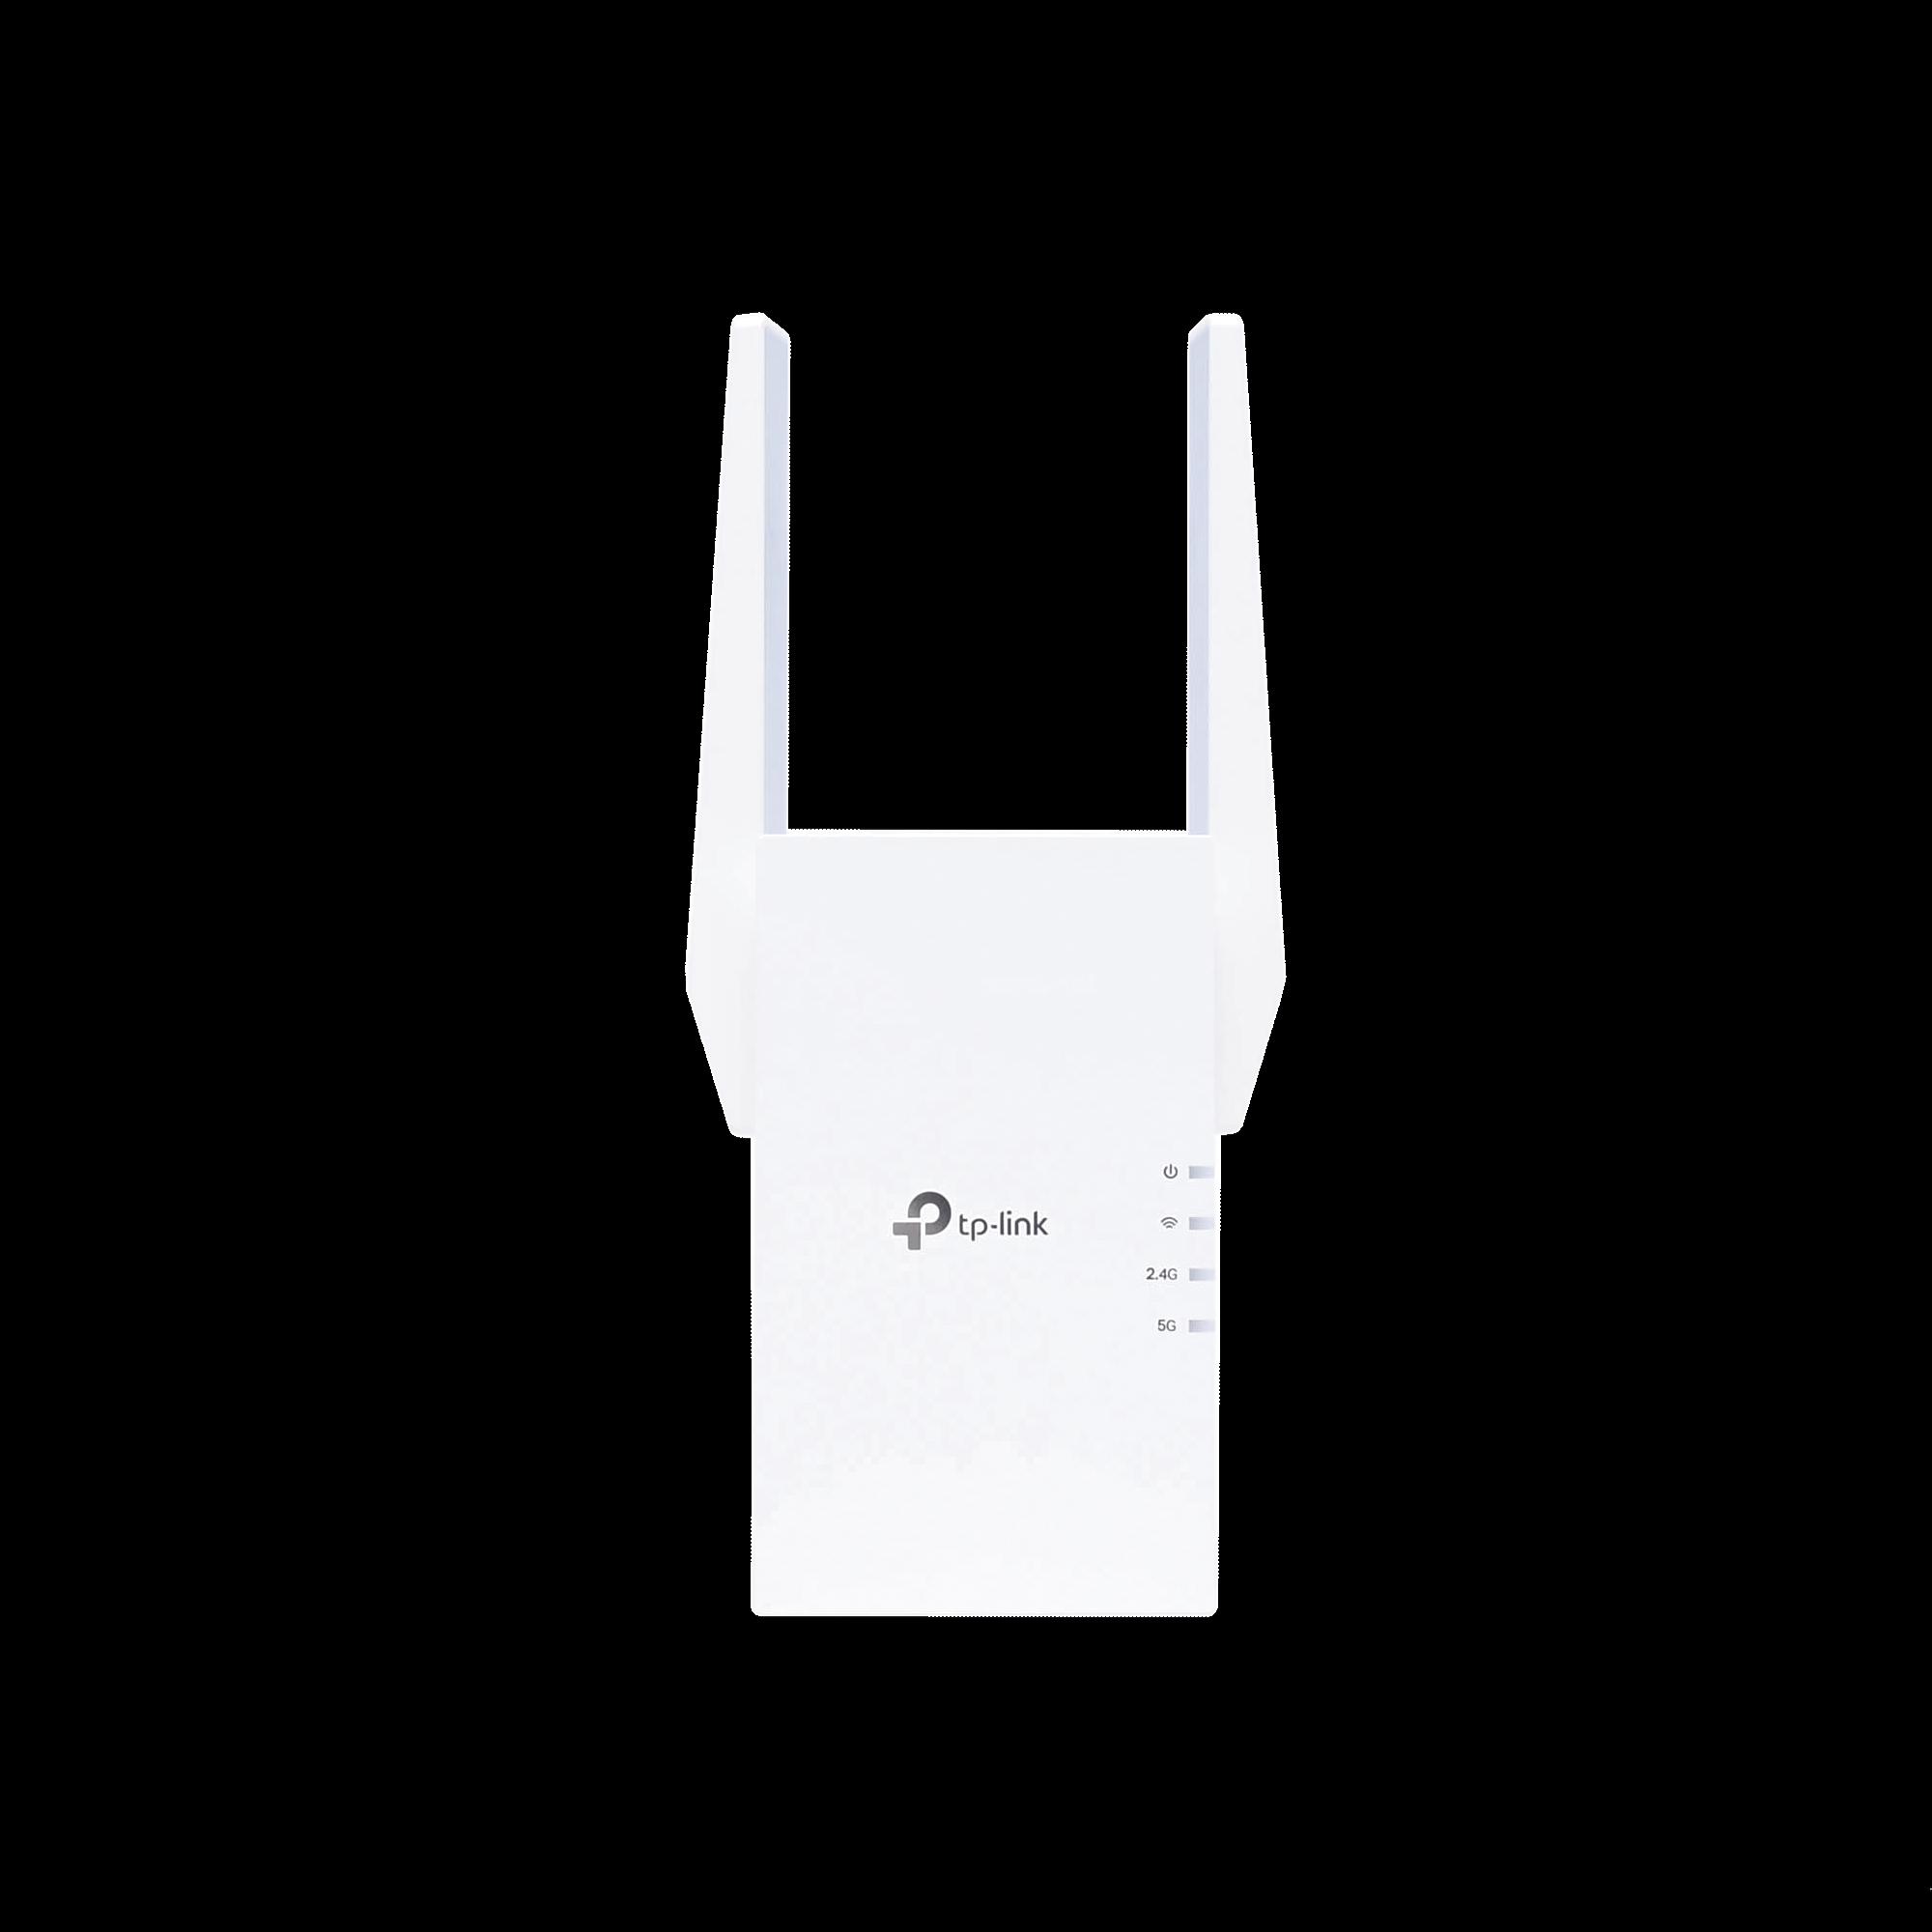 Repetidor / Extensor de Cobertura WiFi AX 1500 Mbps, doble banda 2.4 GHz y 5 GHz, con 1 puerto 10/100/1000 Mbps